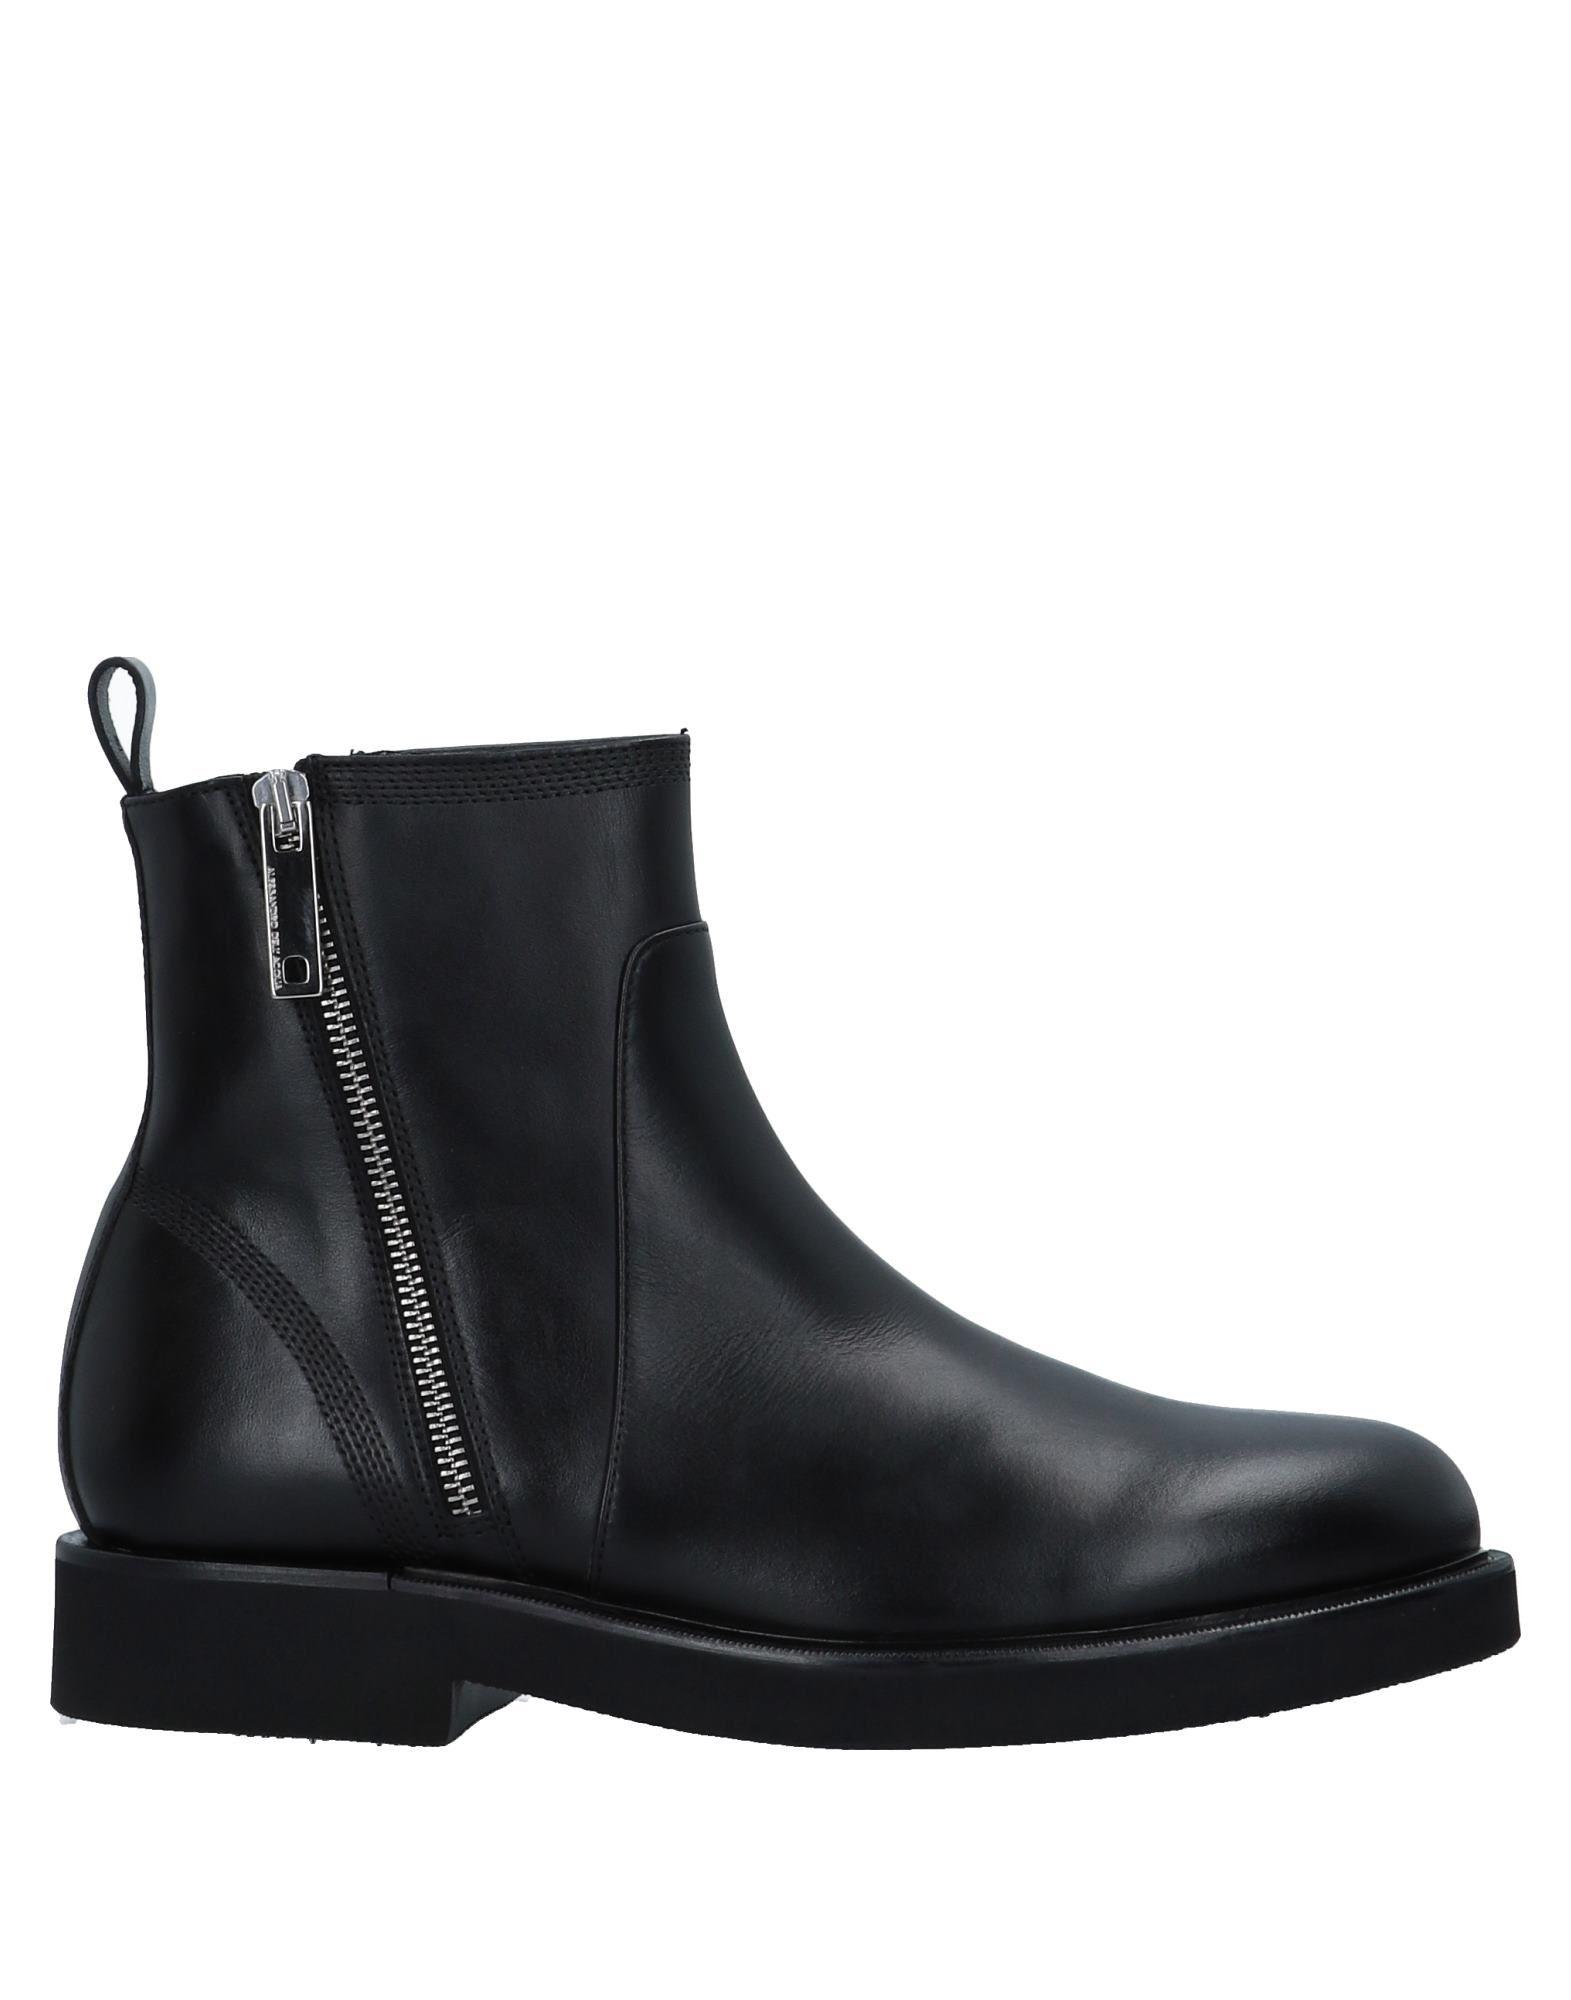 Alessandro Dell'acqua Stiefelette Herren  11534920OB Gute Qualität beliebte Schuhe